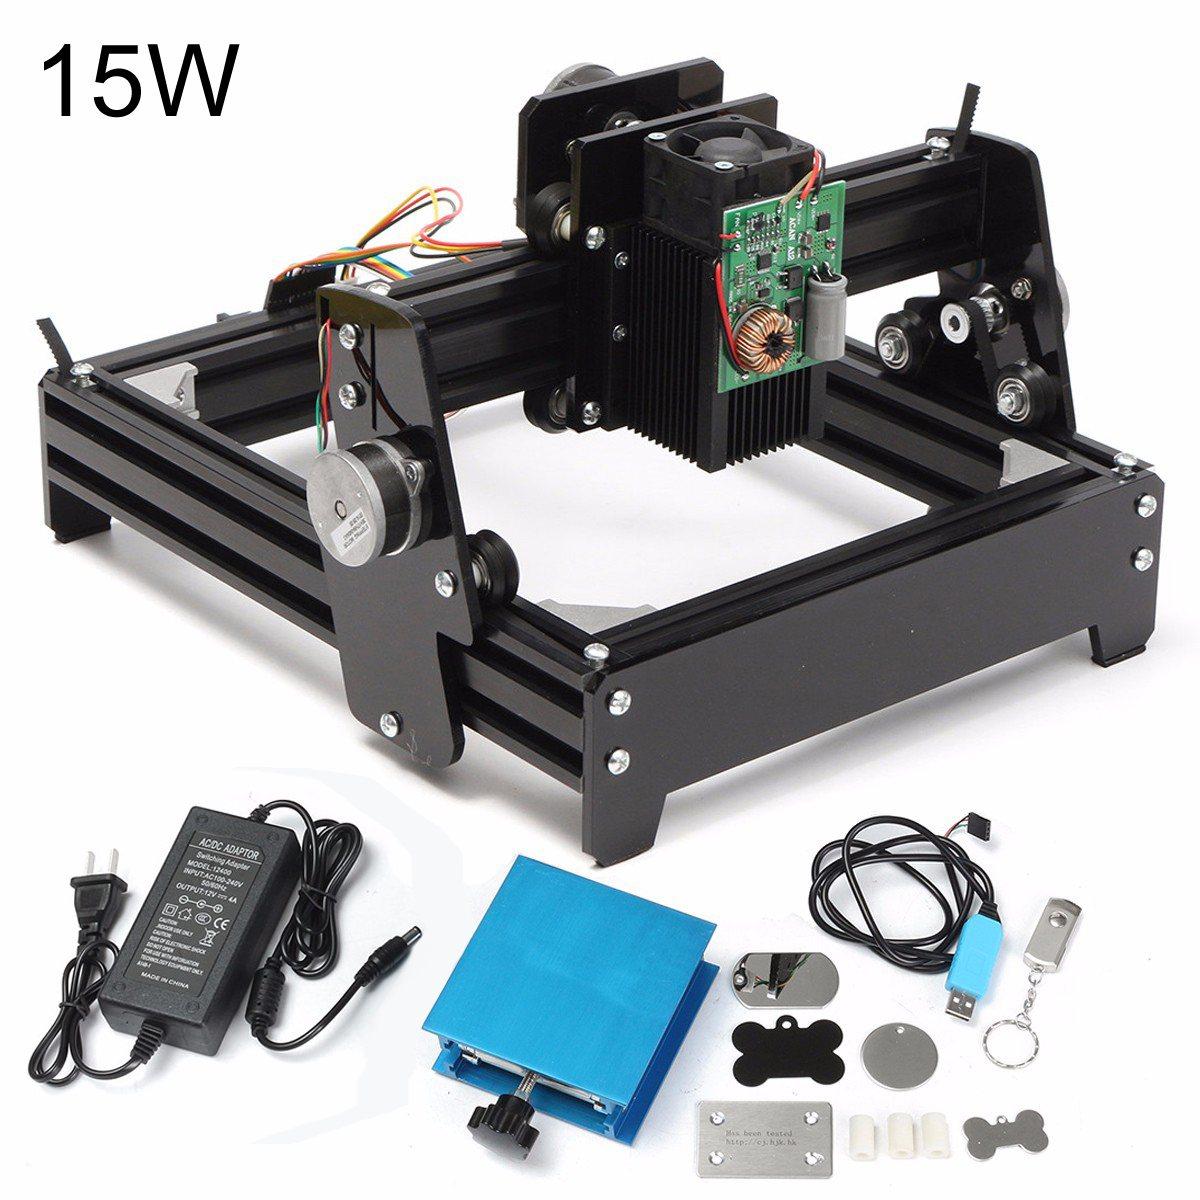 15 w Laser COMME-5 USB De Bureau 15000 mw CNC Laser Graveur DIY Machine de Marquage Pour Le Métal Pierre Bois aire de gravure 14x20 cm